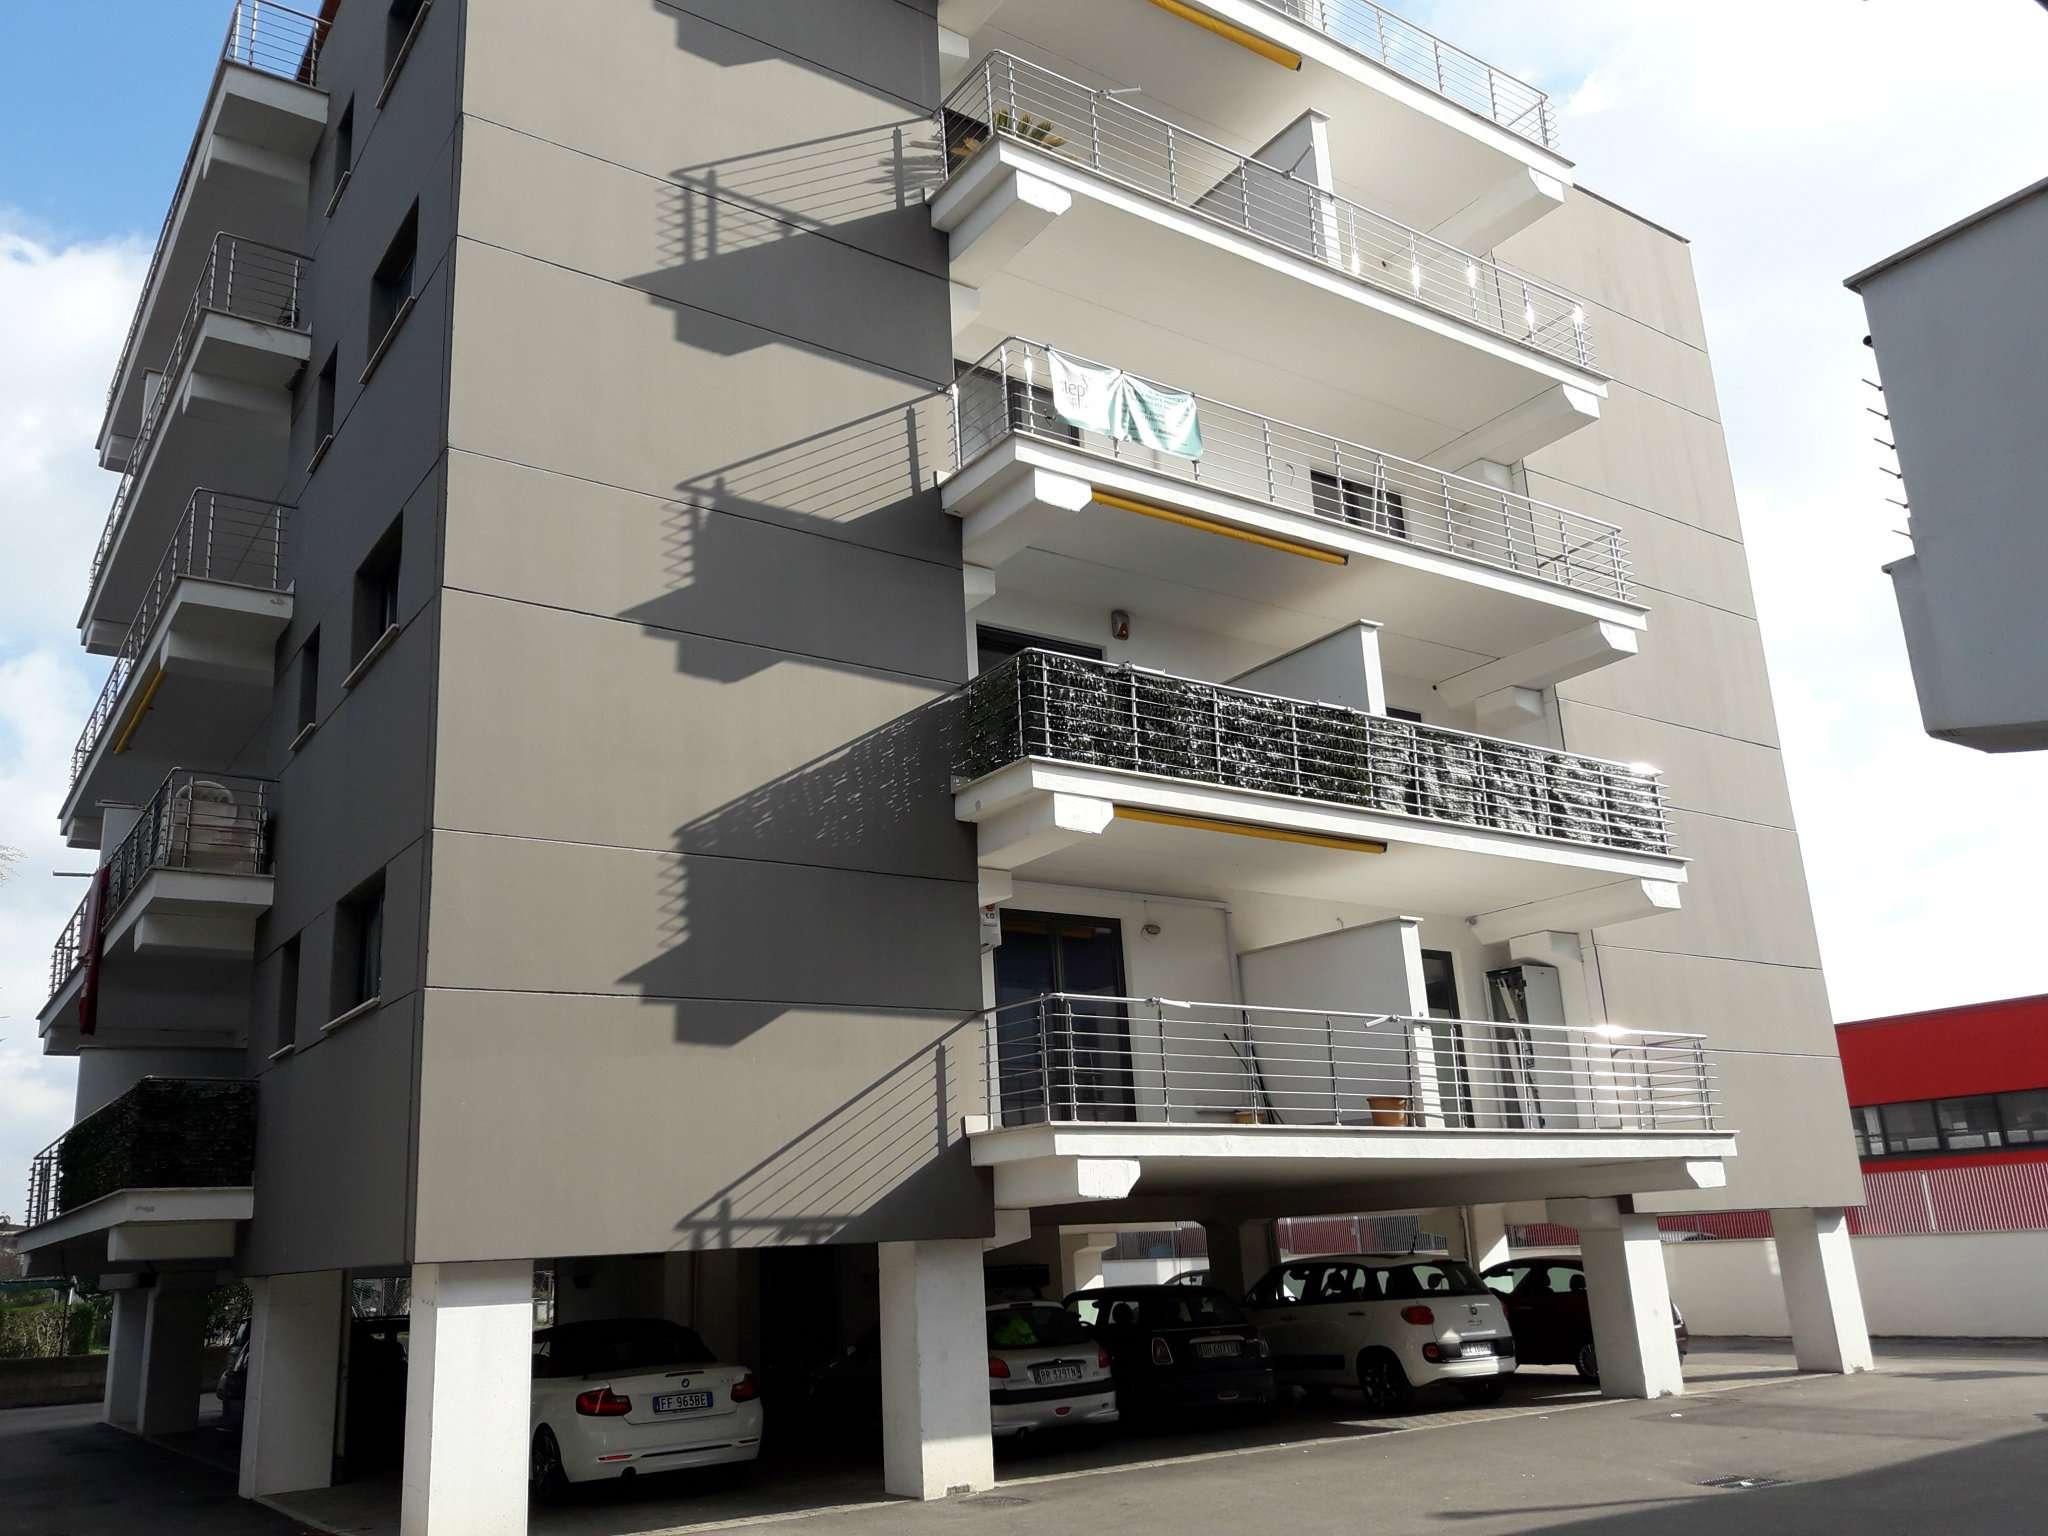 Appartamento in affitto a Pomezia, 1 locali, prezzo € 400 | Cambio Casa.it